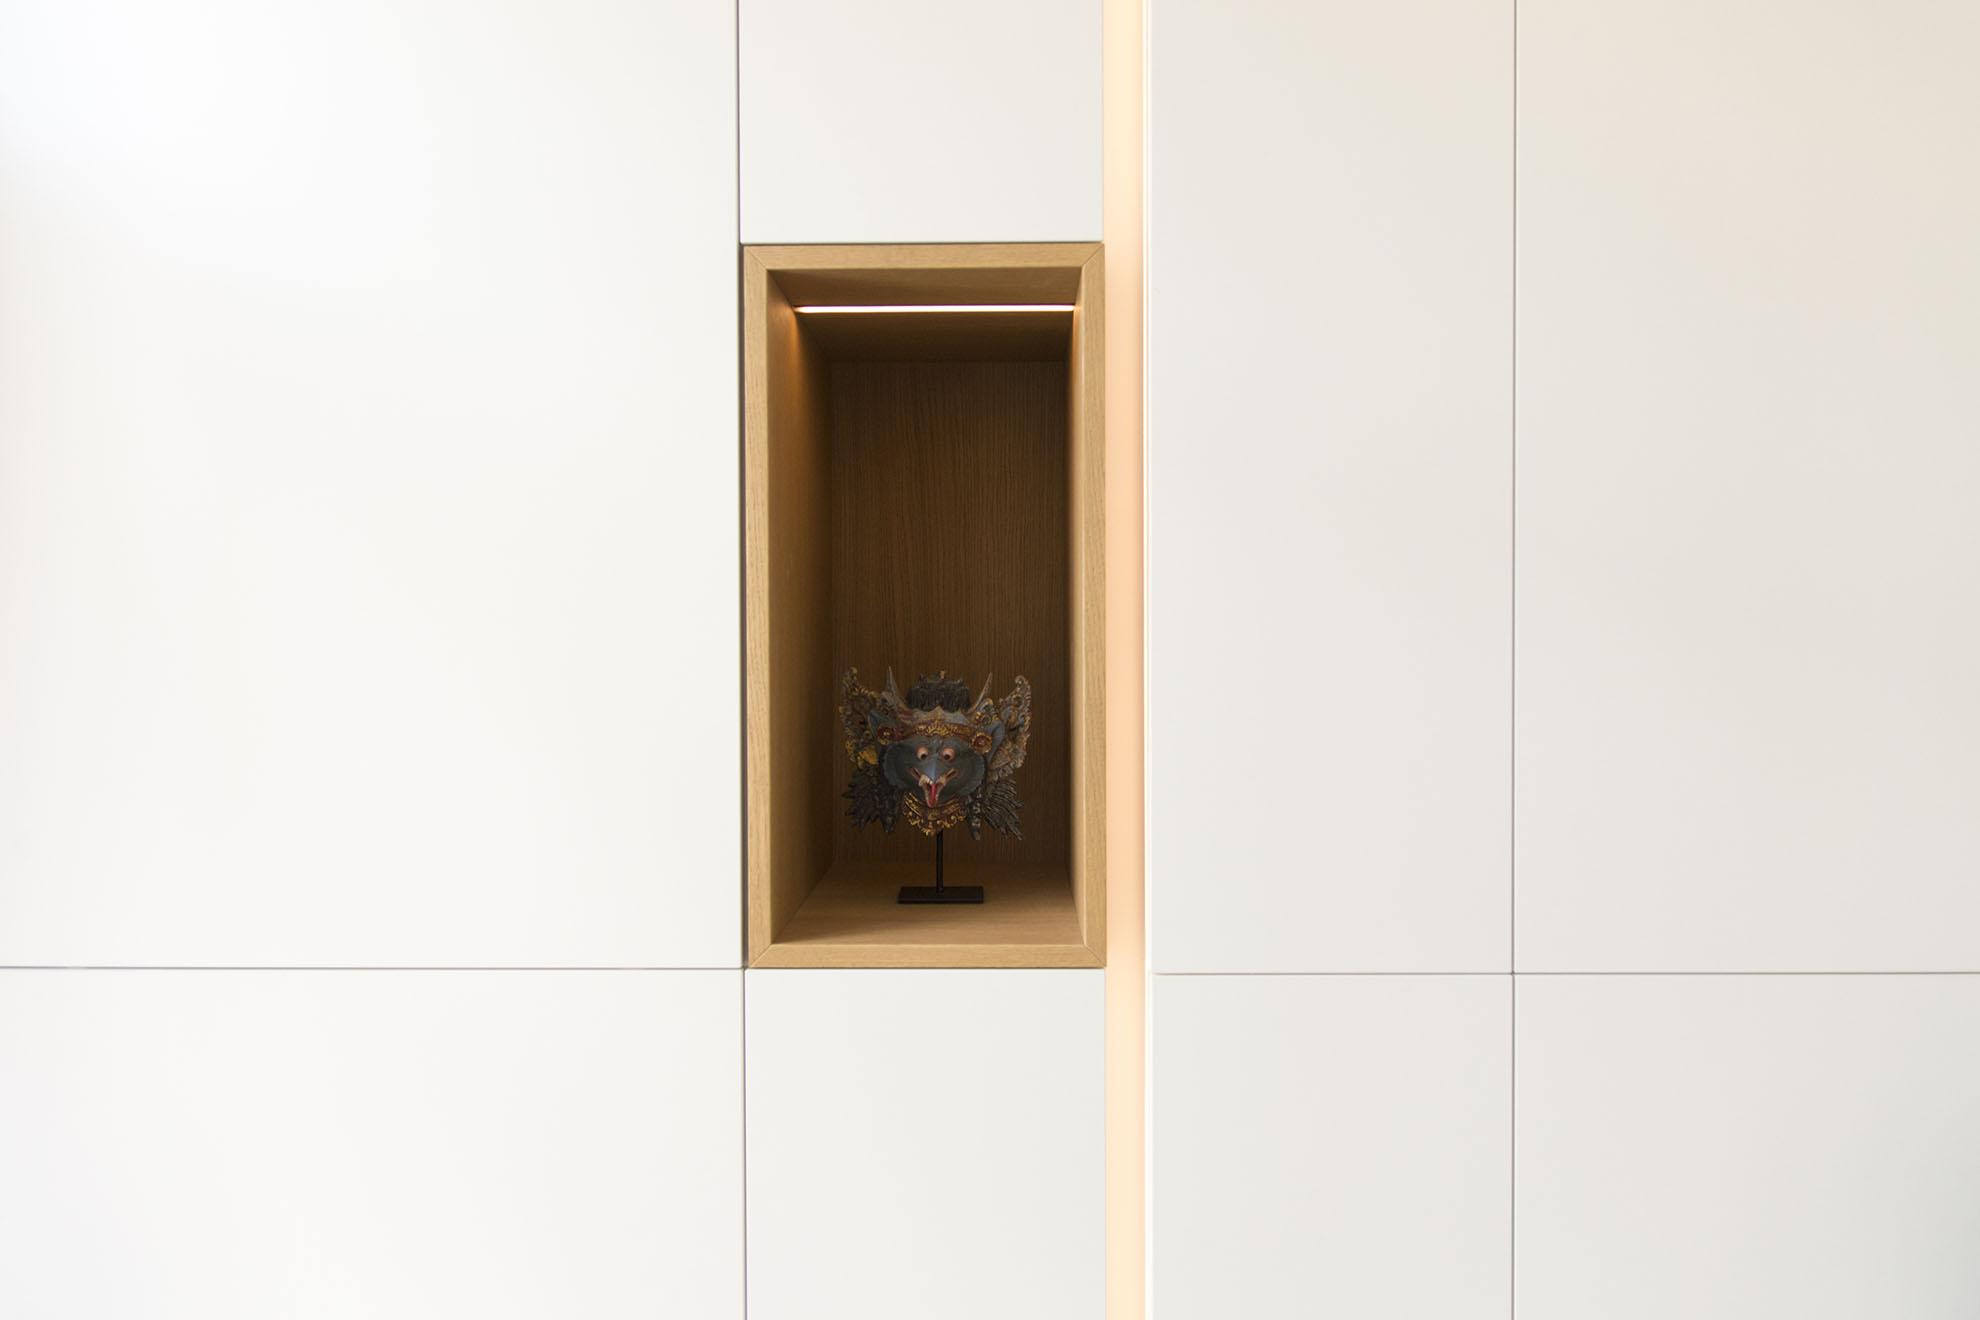 Hus Interieur - Portfolio - Project Brussel - Maatwerk